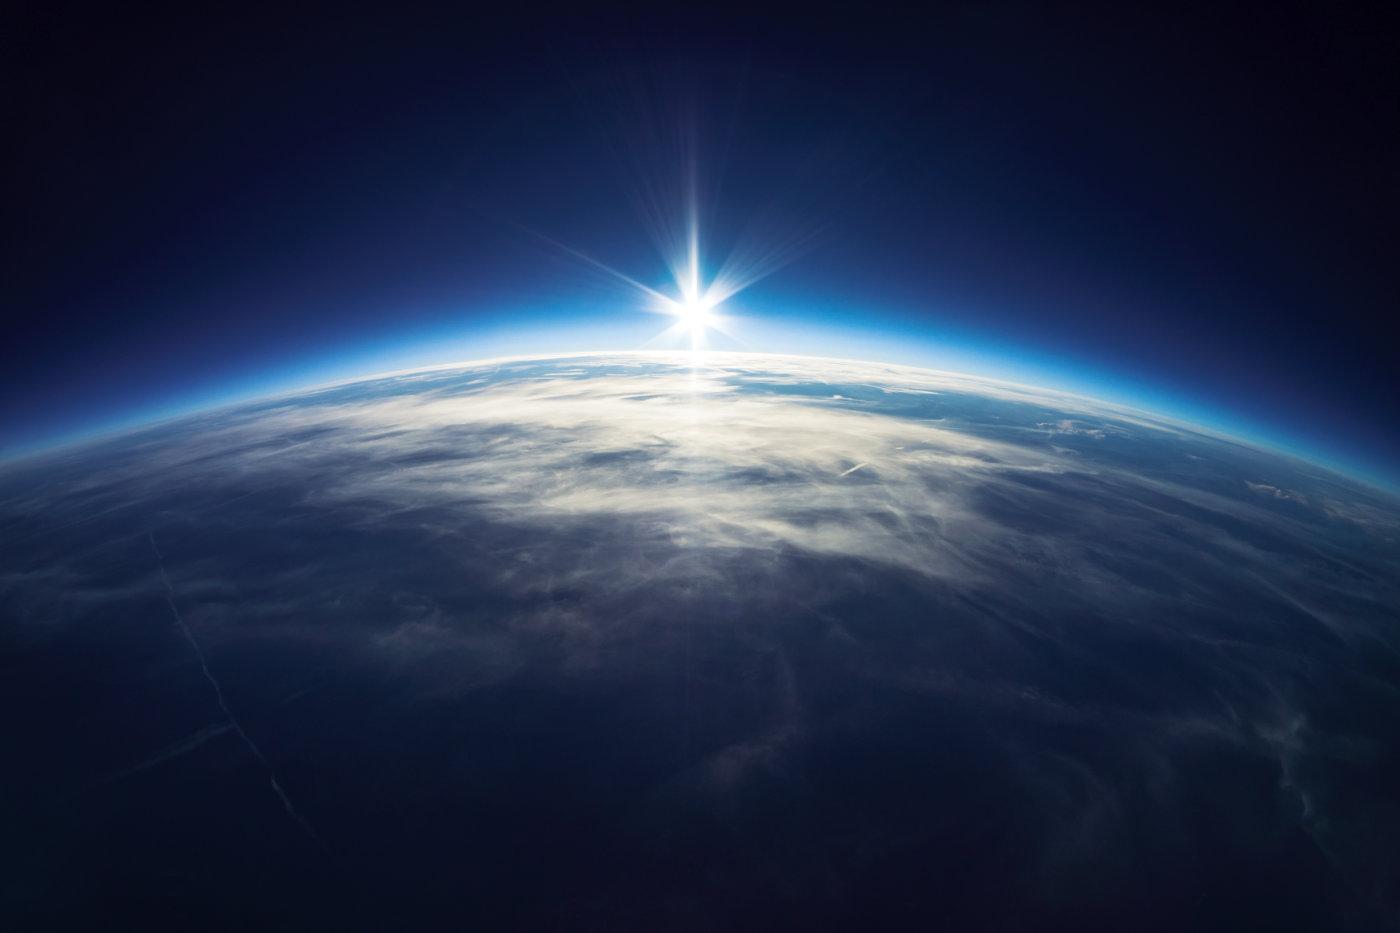 earth wobble